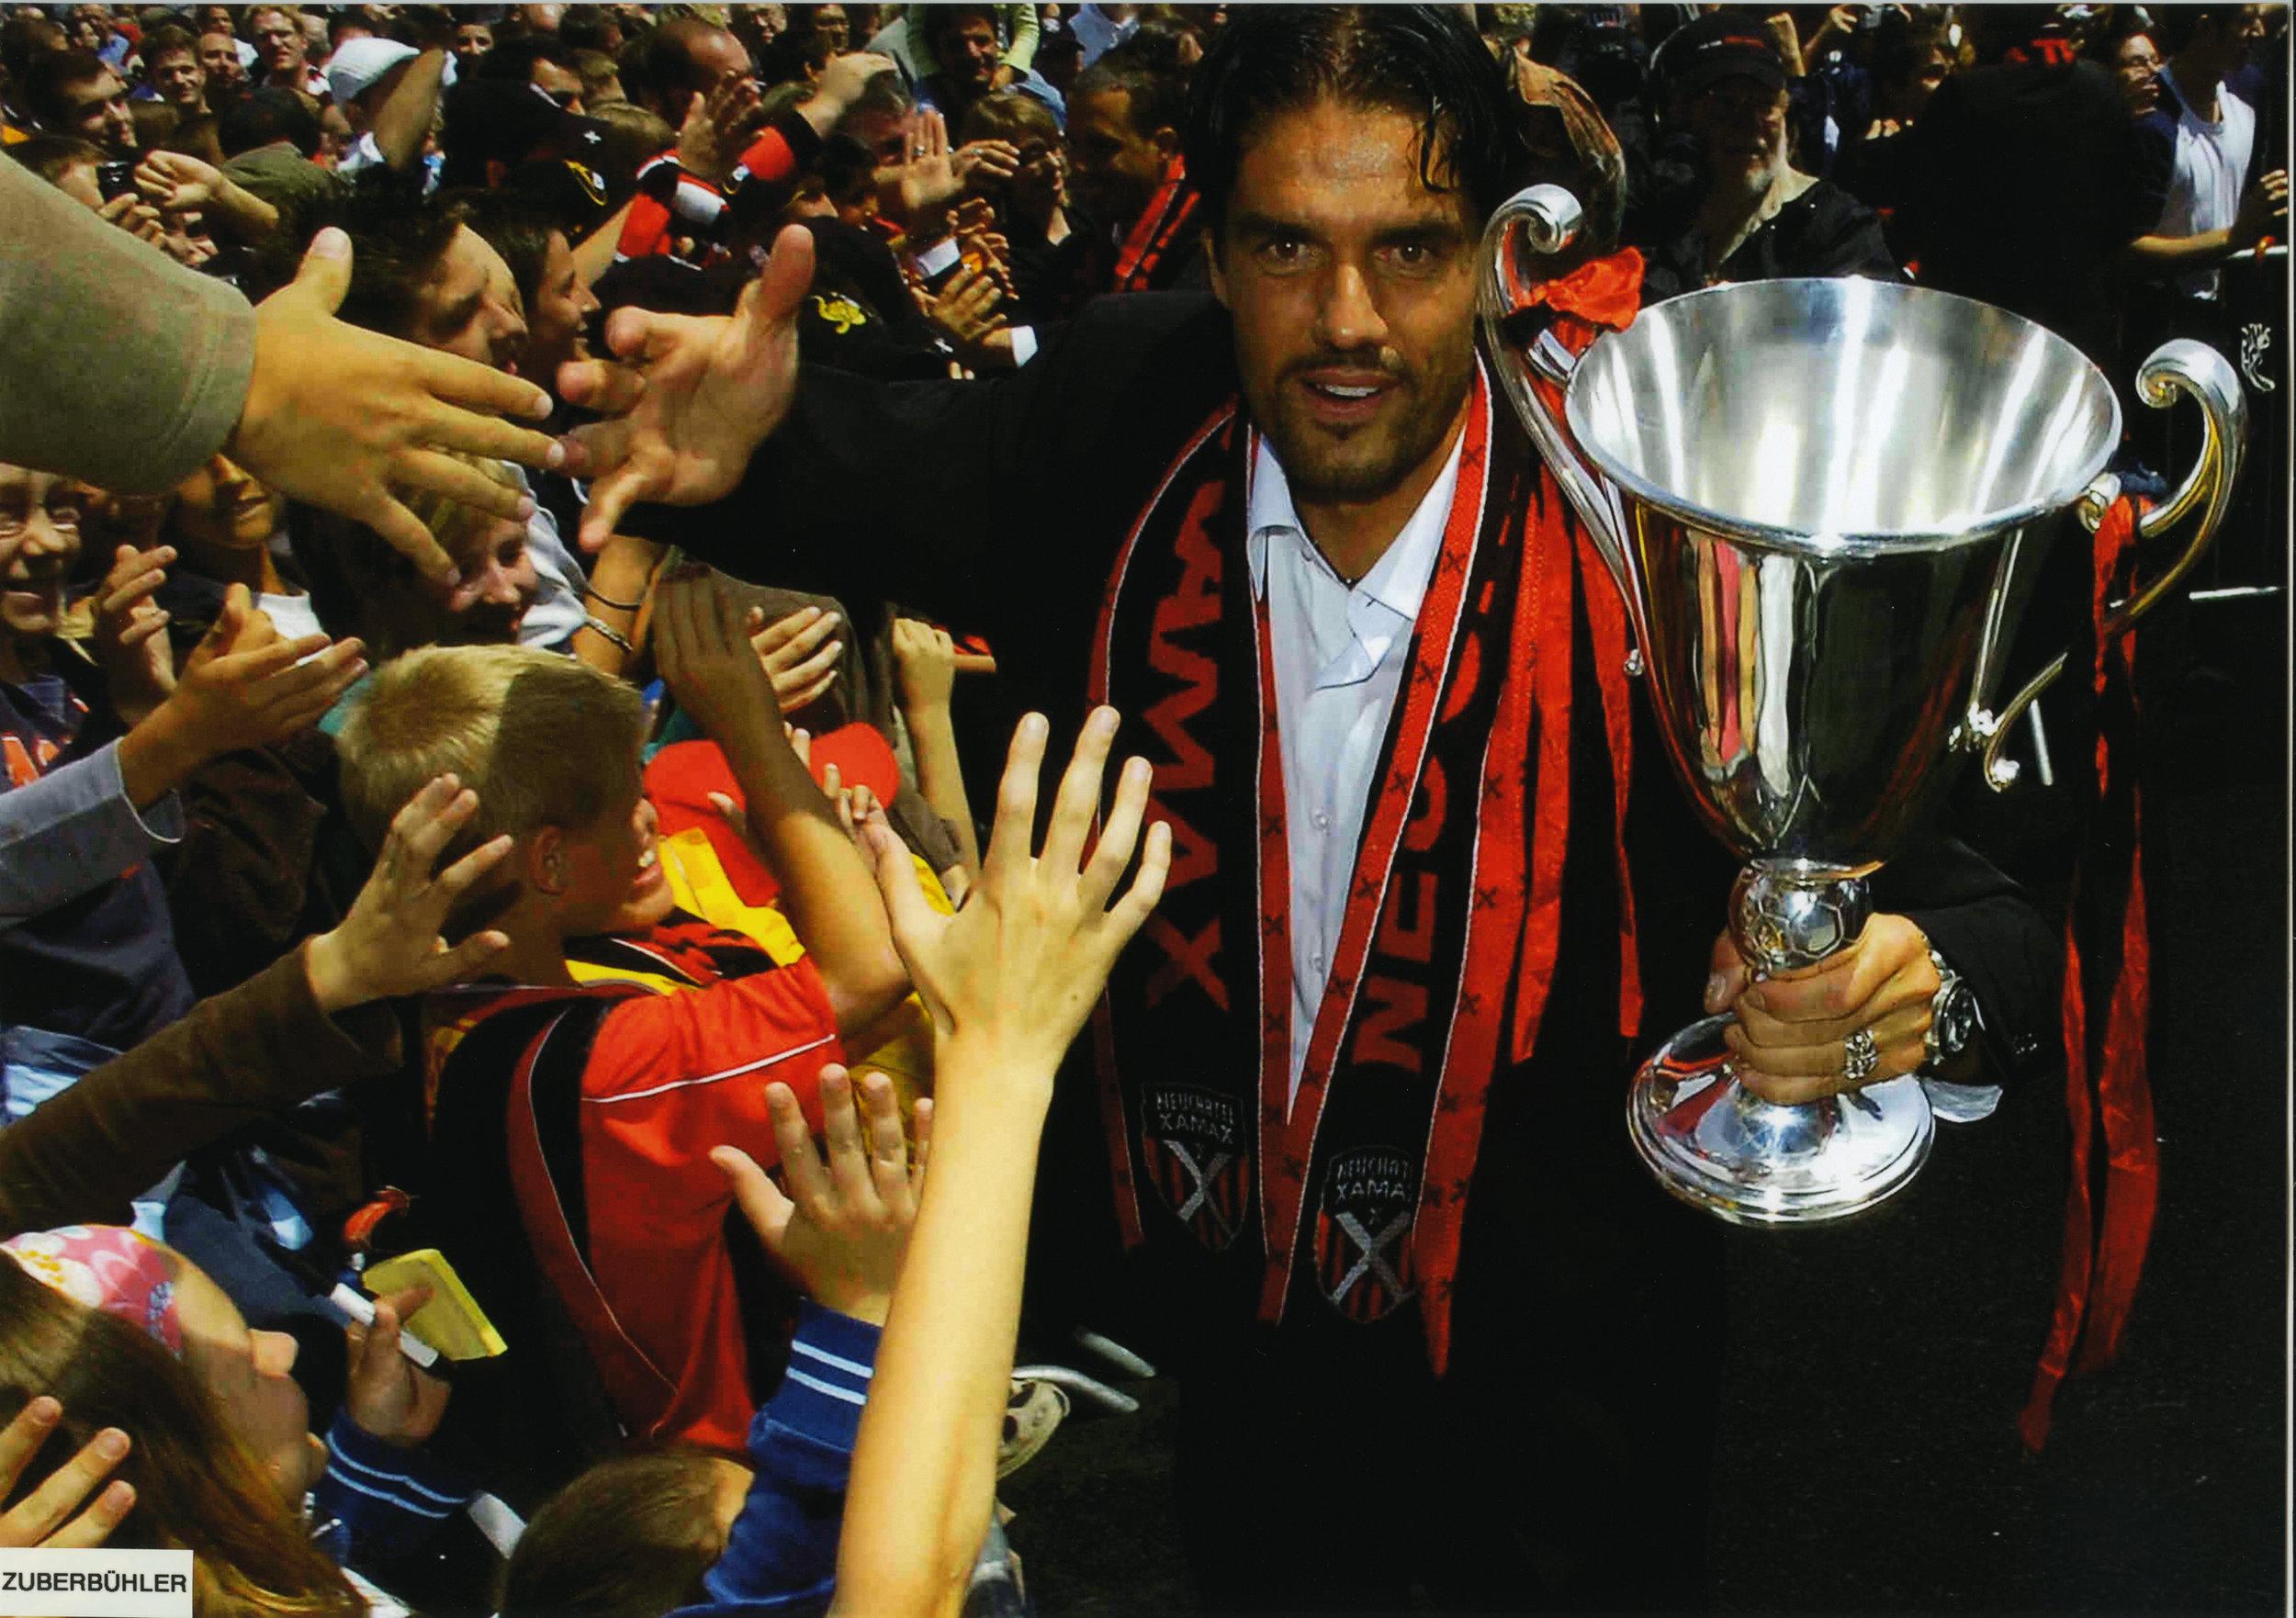 Pascal Zuberbühler avec la coupe du championnat de Suisse Challenge League remporté par Xamax en 2007. Photo de Bernard Pytho